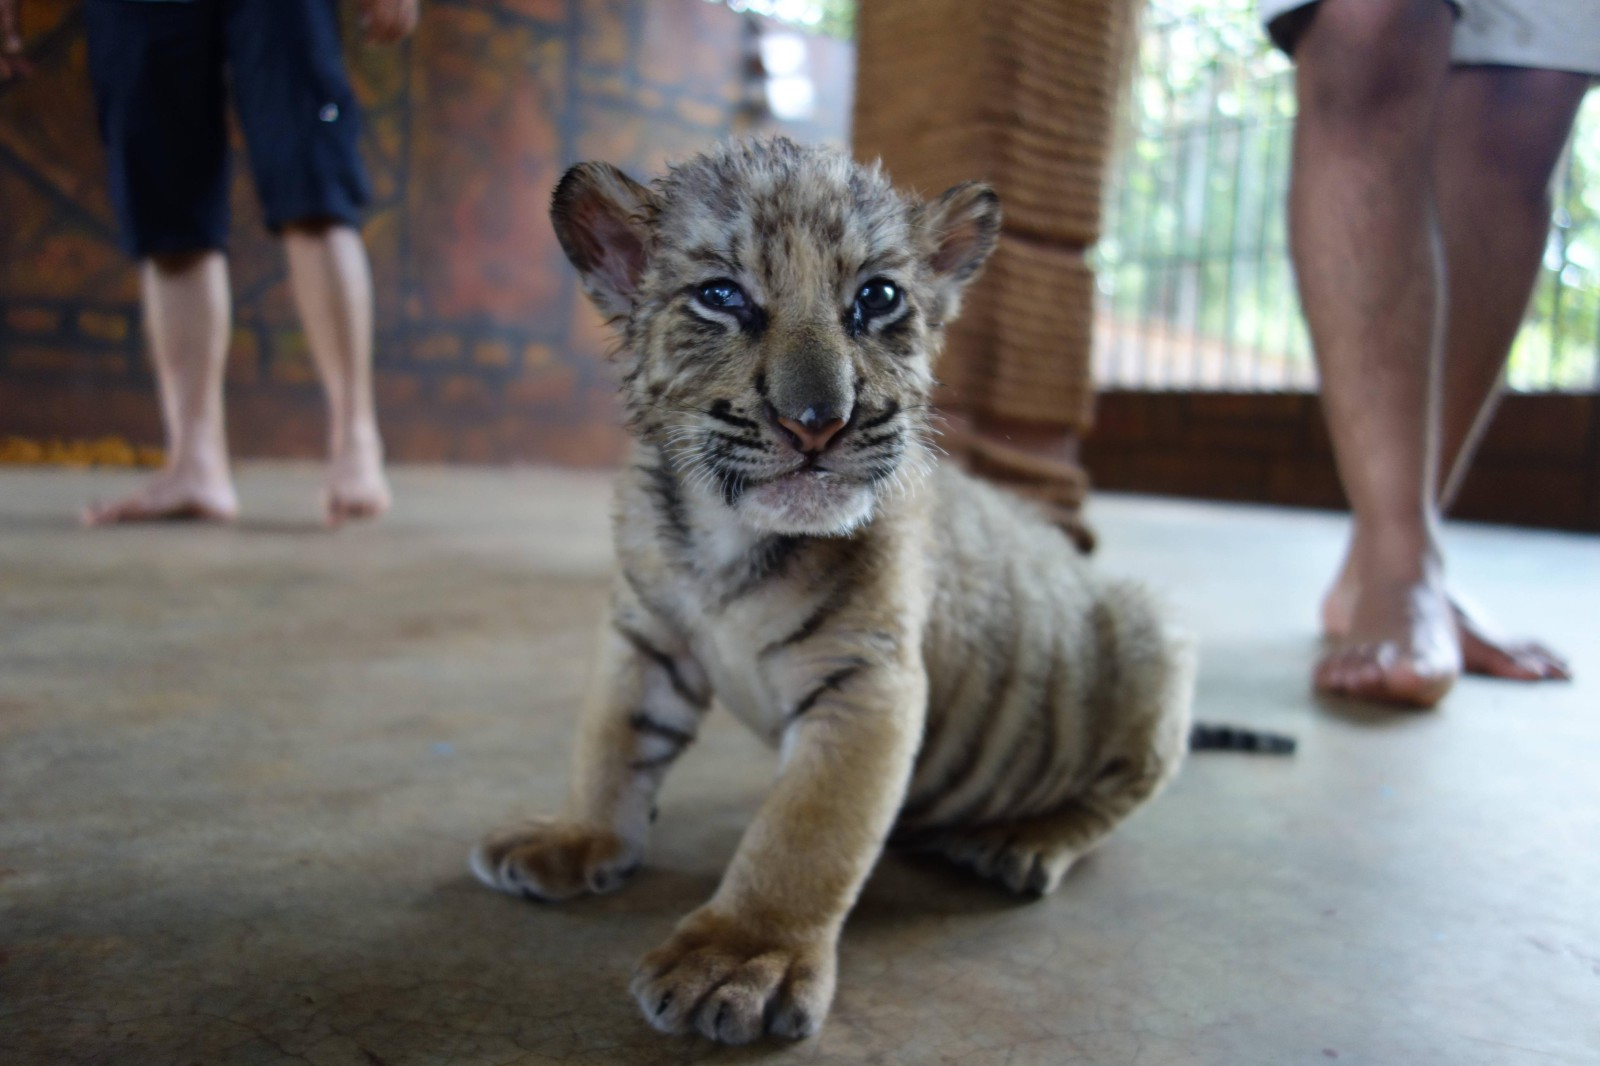 Three_week_old_tiger_cub-1600x1066